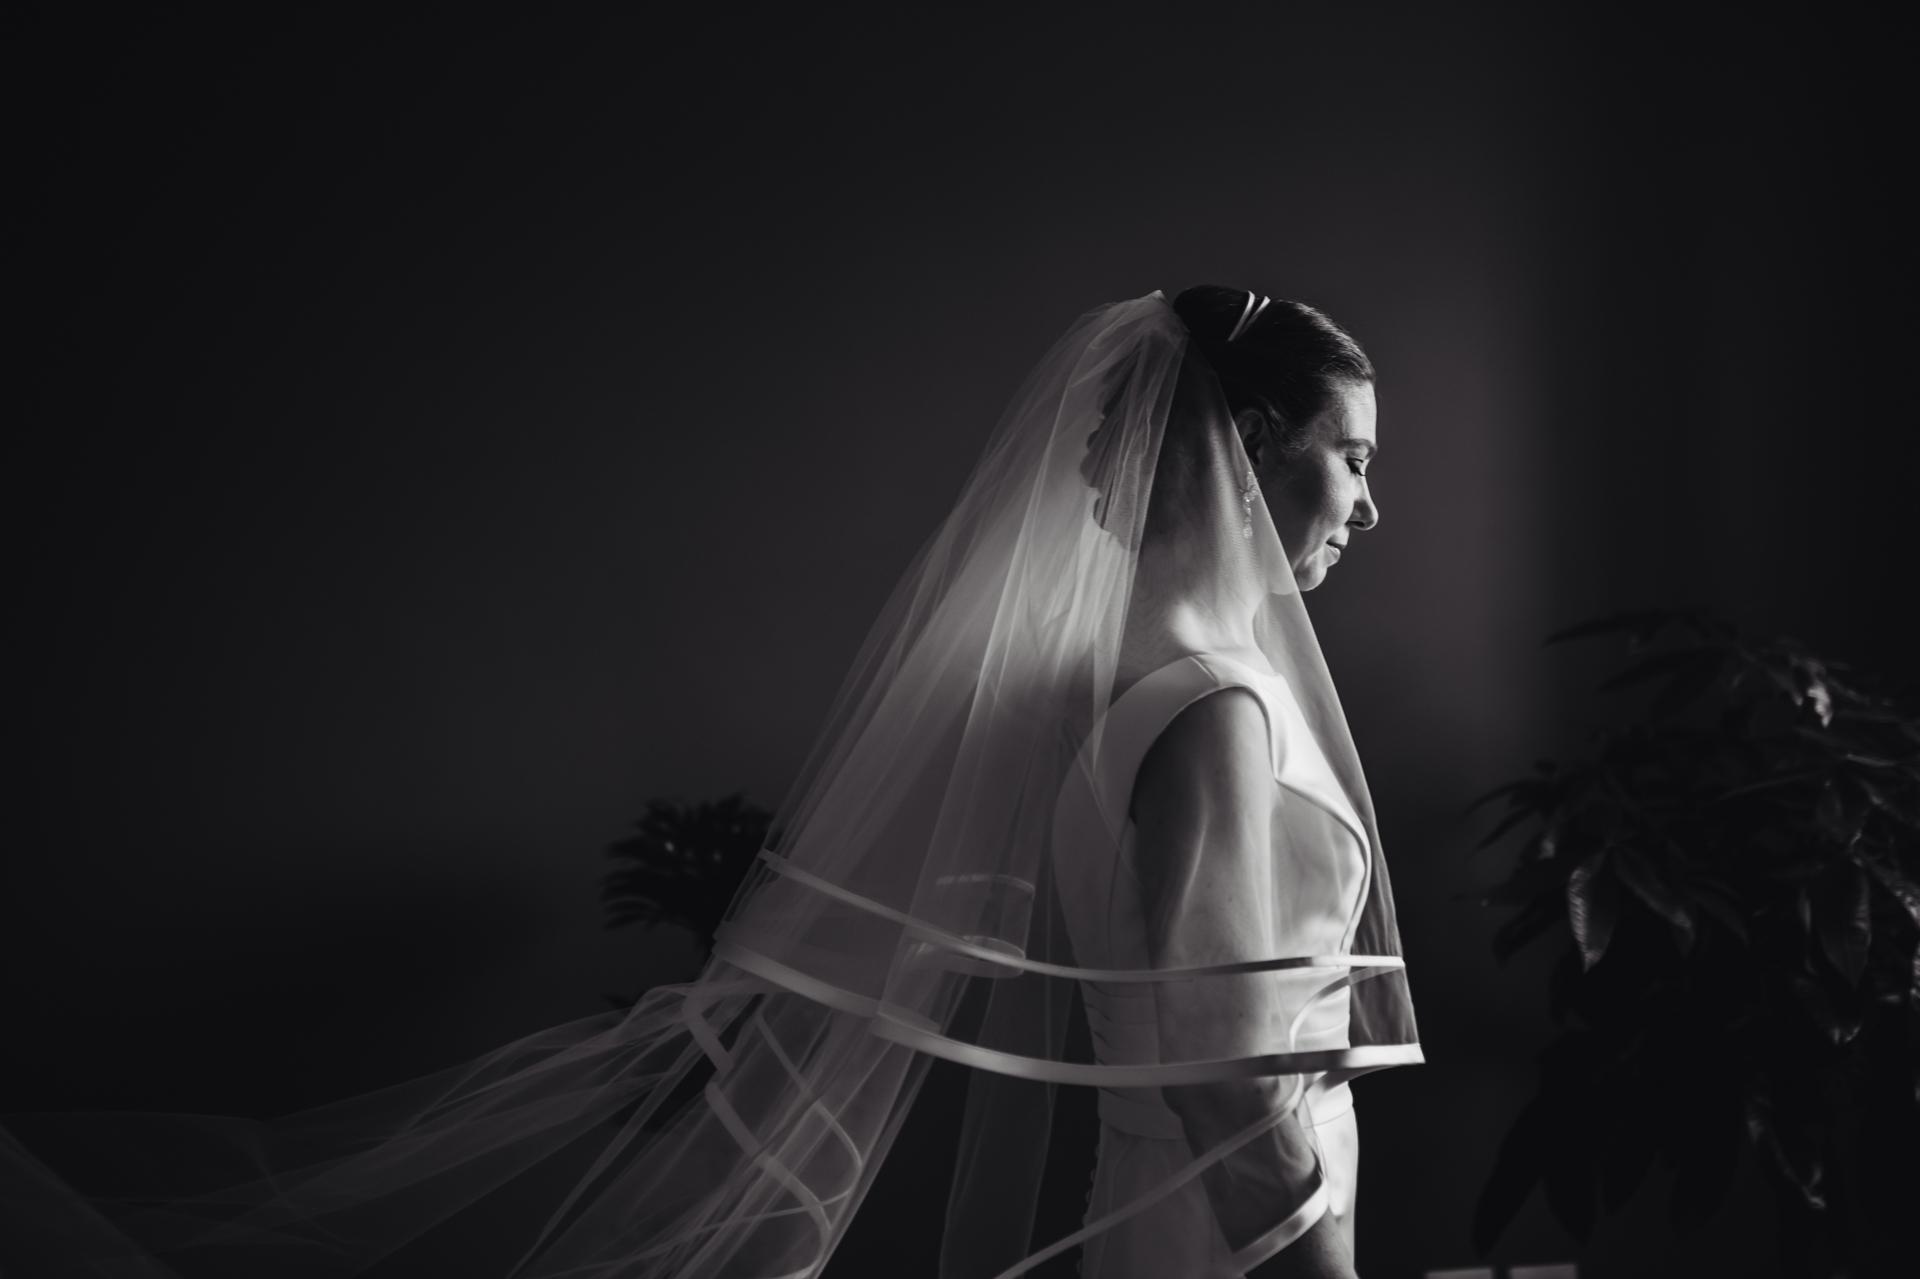 Florencja, Toskania Elopement Bridal Image | Wreszcie panna młoda jest gotowa na ceremonię